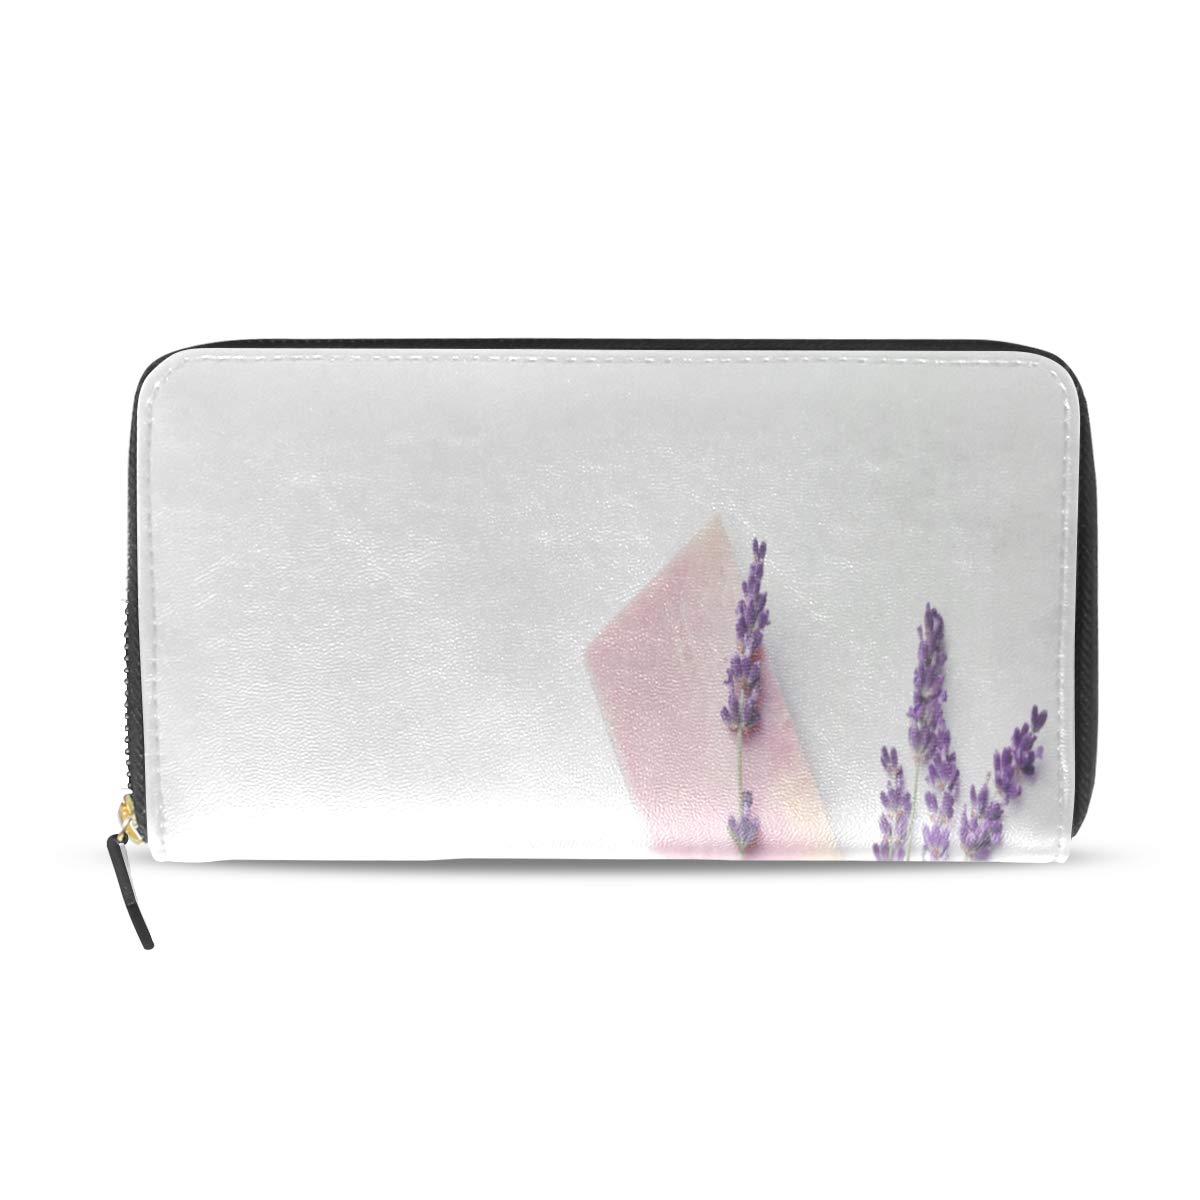 LOGAN Geldbörse lilac